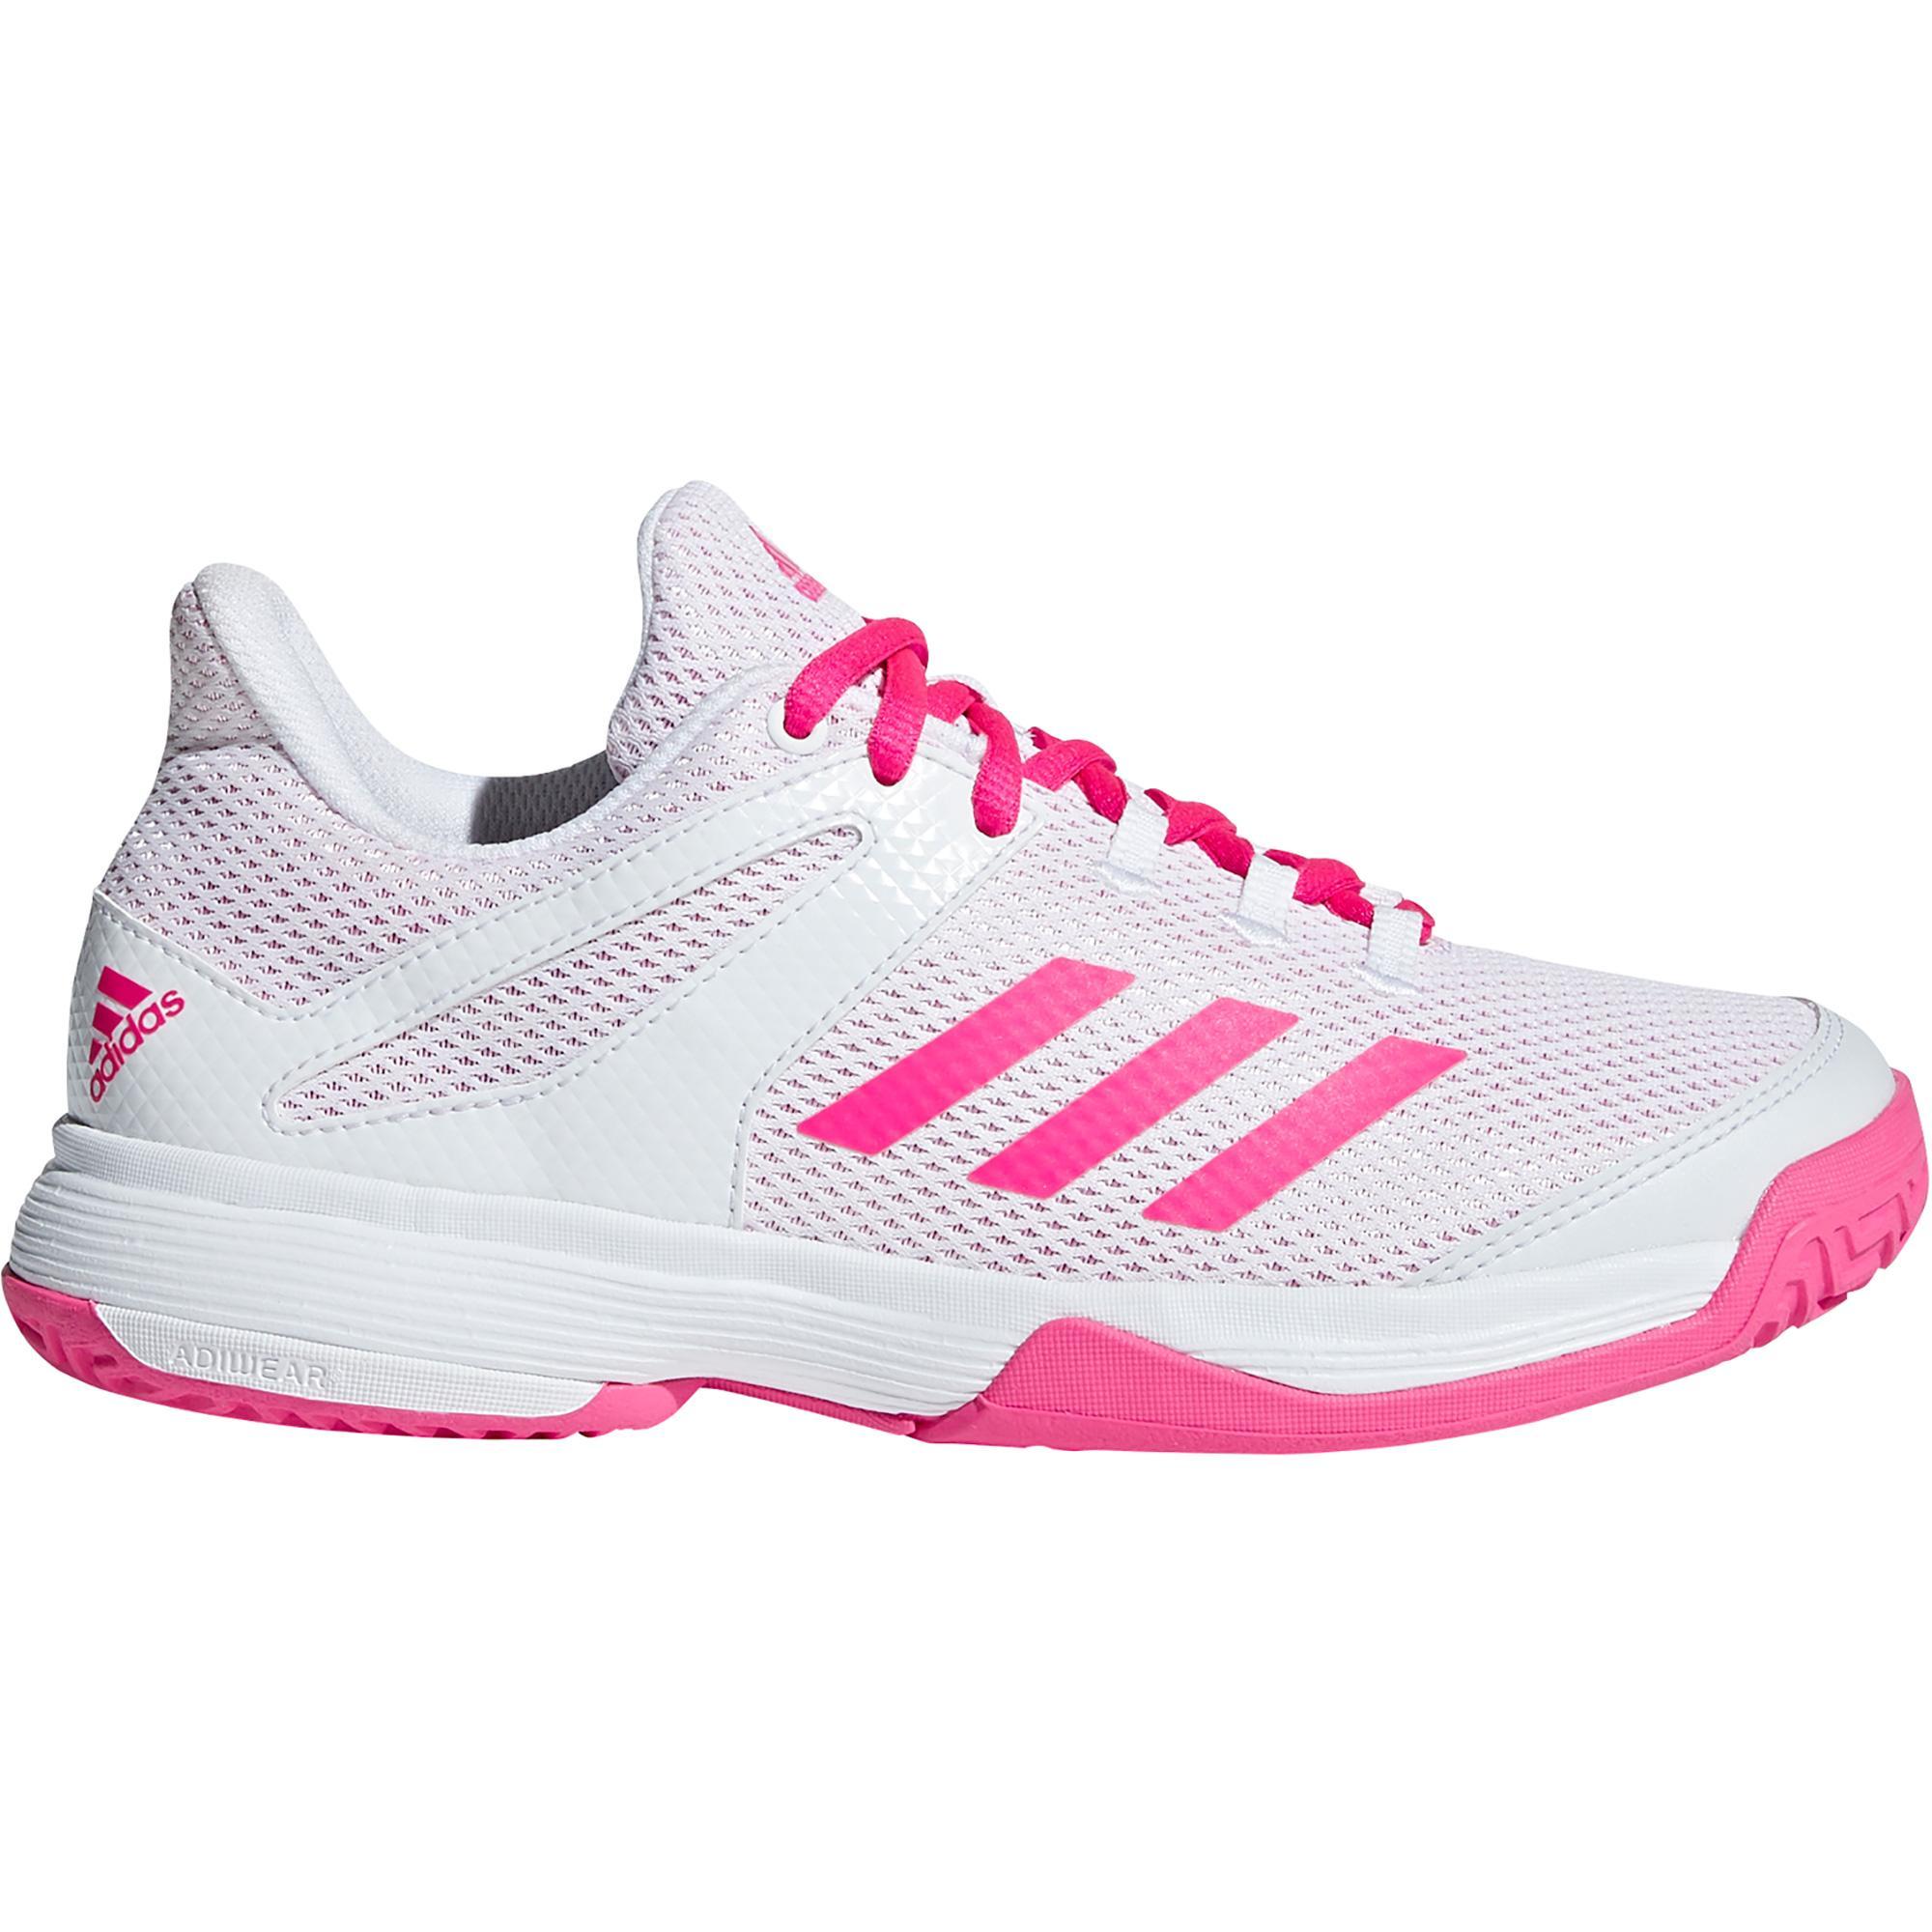 Adidas Kids Adizero Club Tennis Shoes - White/Pink ...